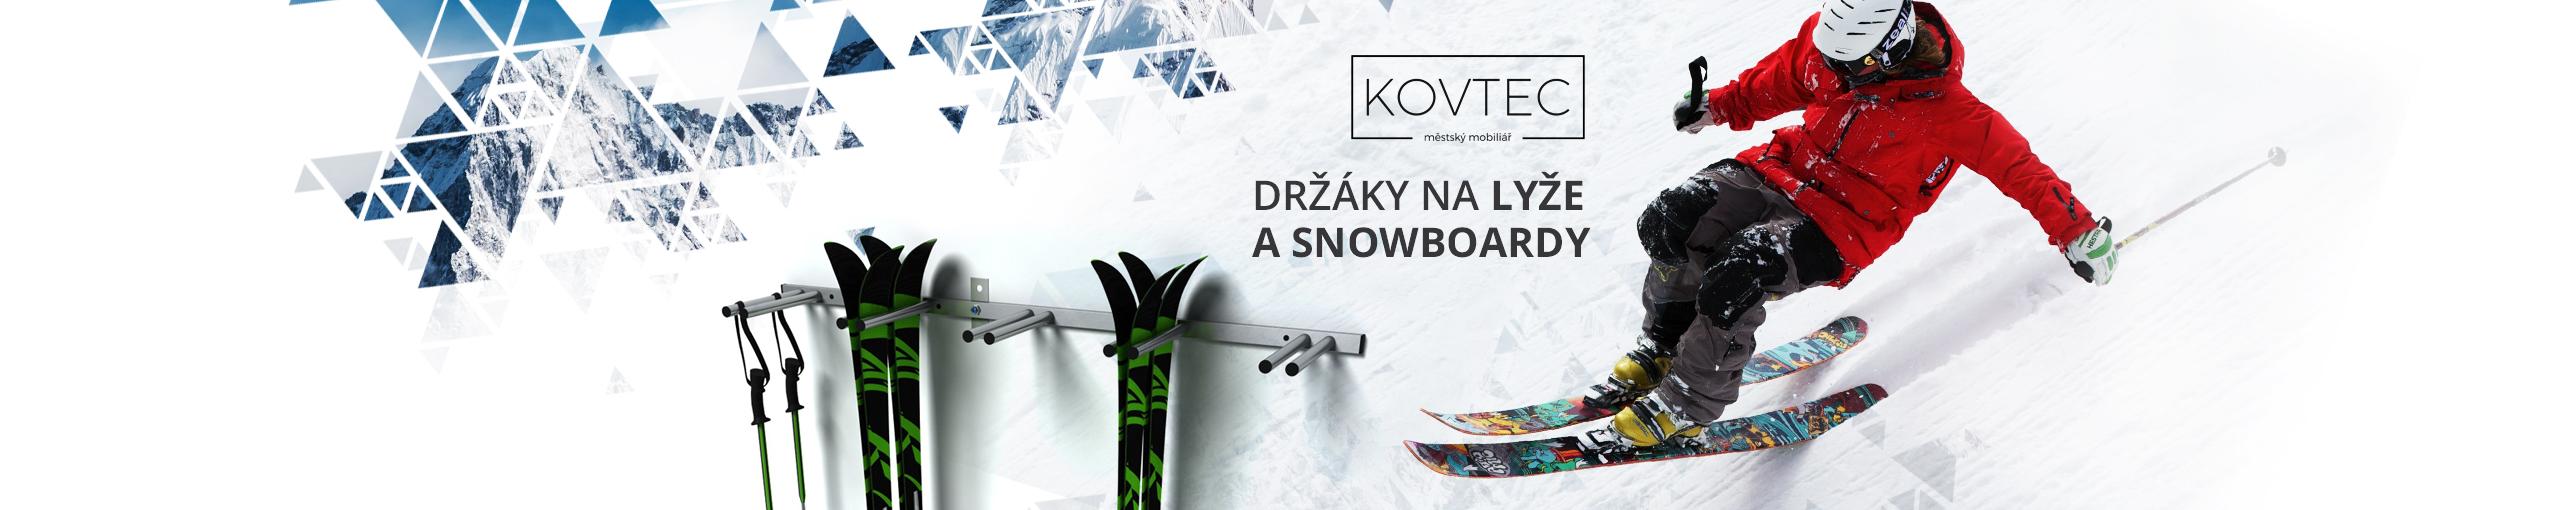 drzaky-na-lyze-na-zed-skladem-akce-nizke-ceny-stojan-na-snowboardy-na-stenu